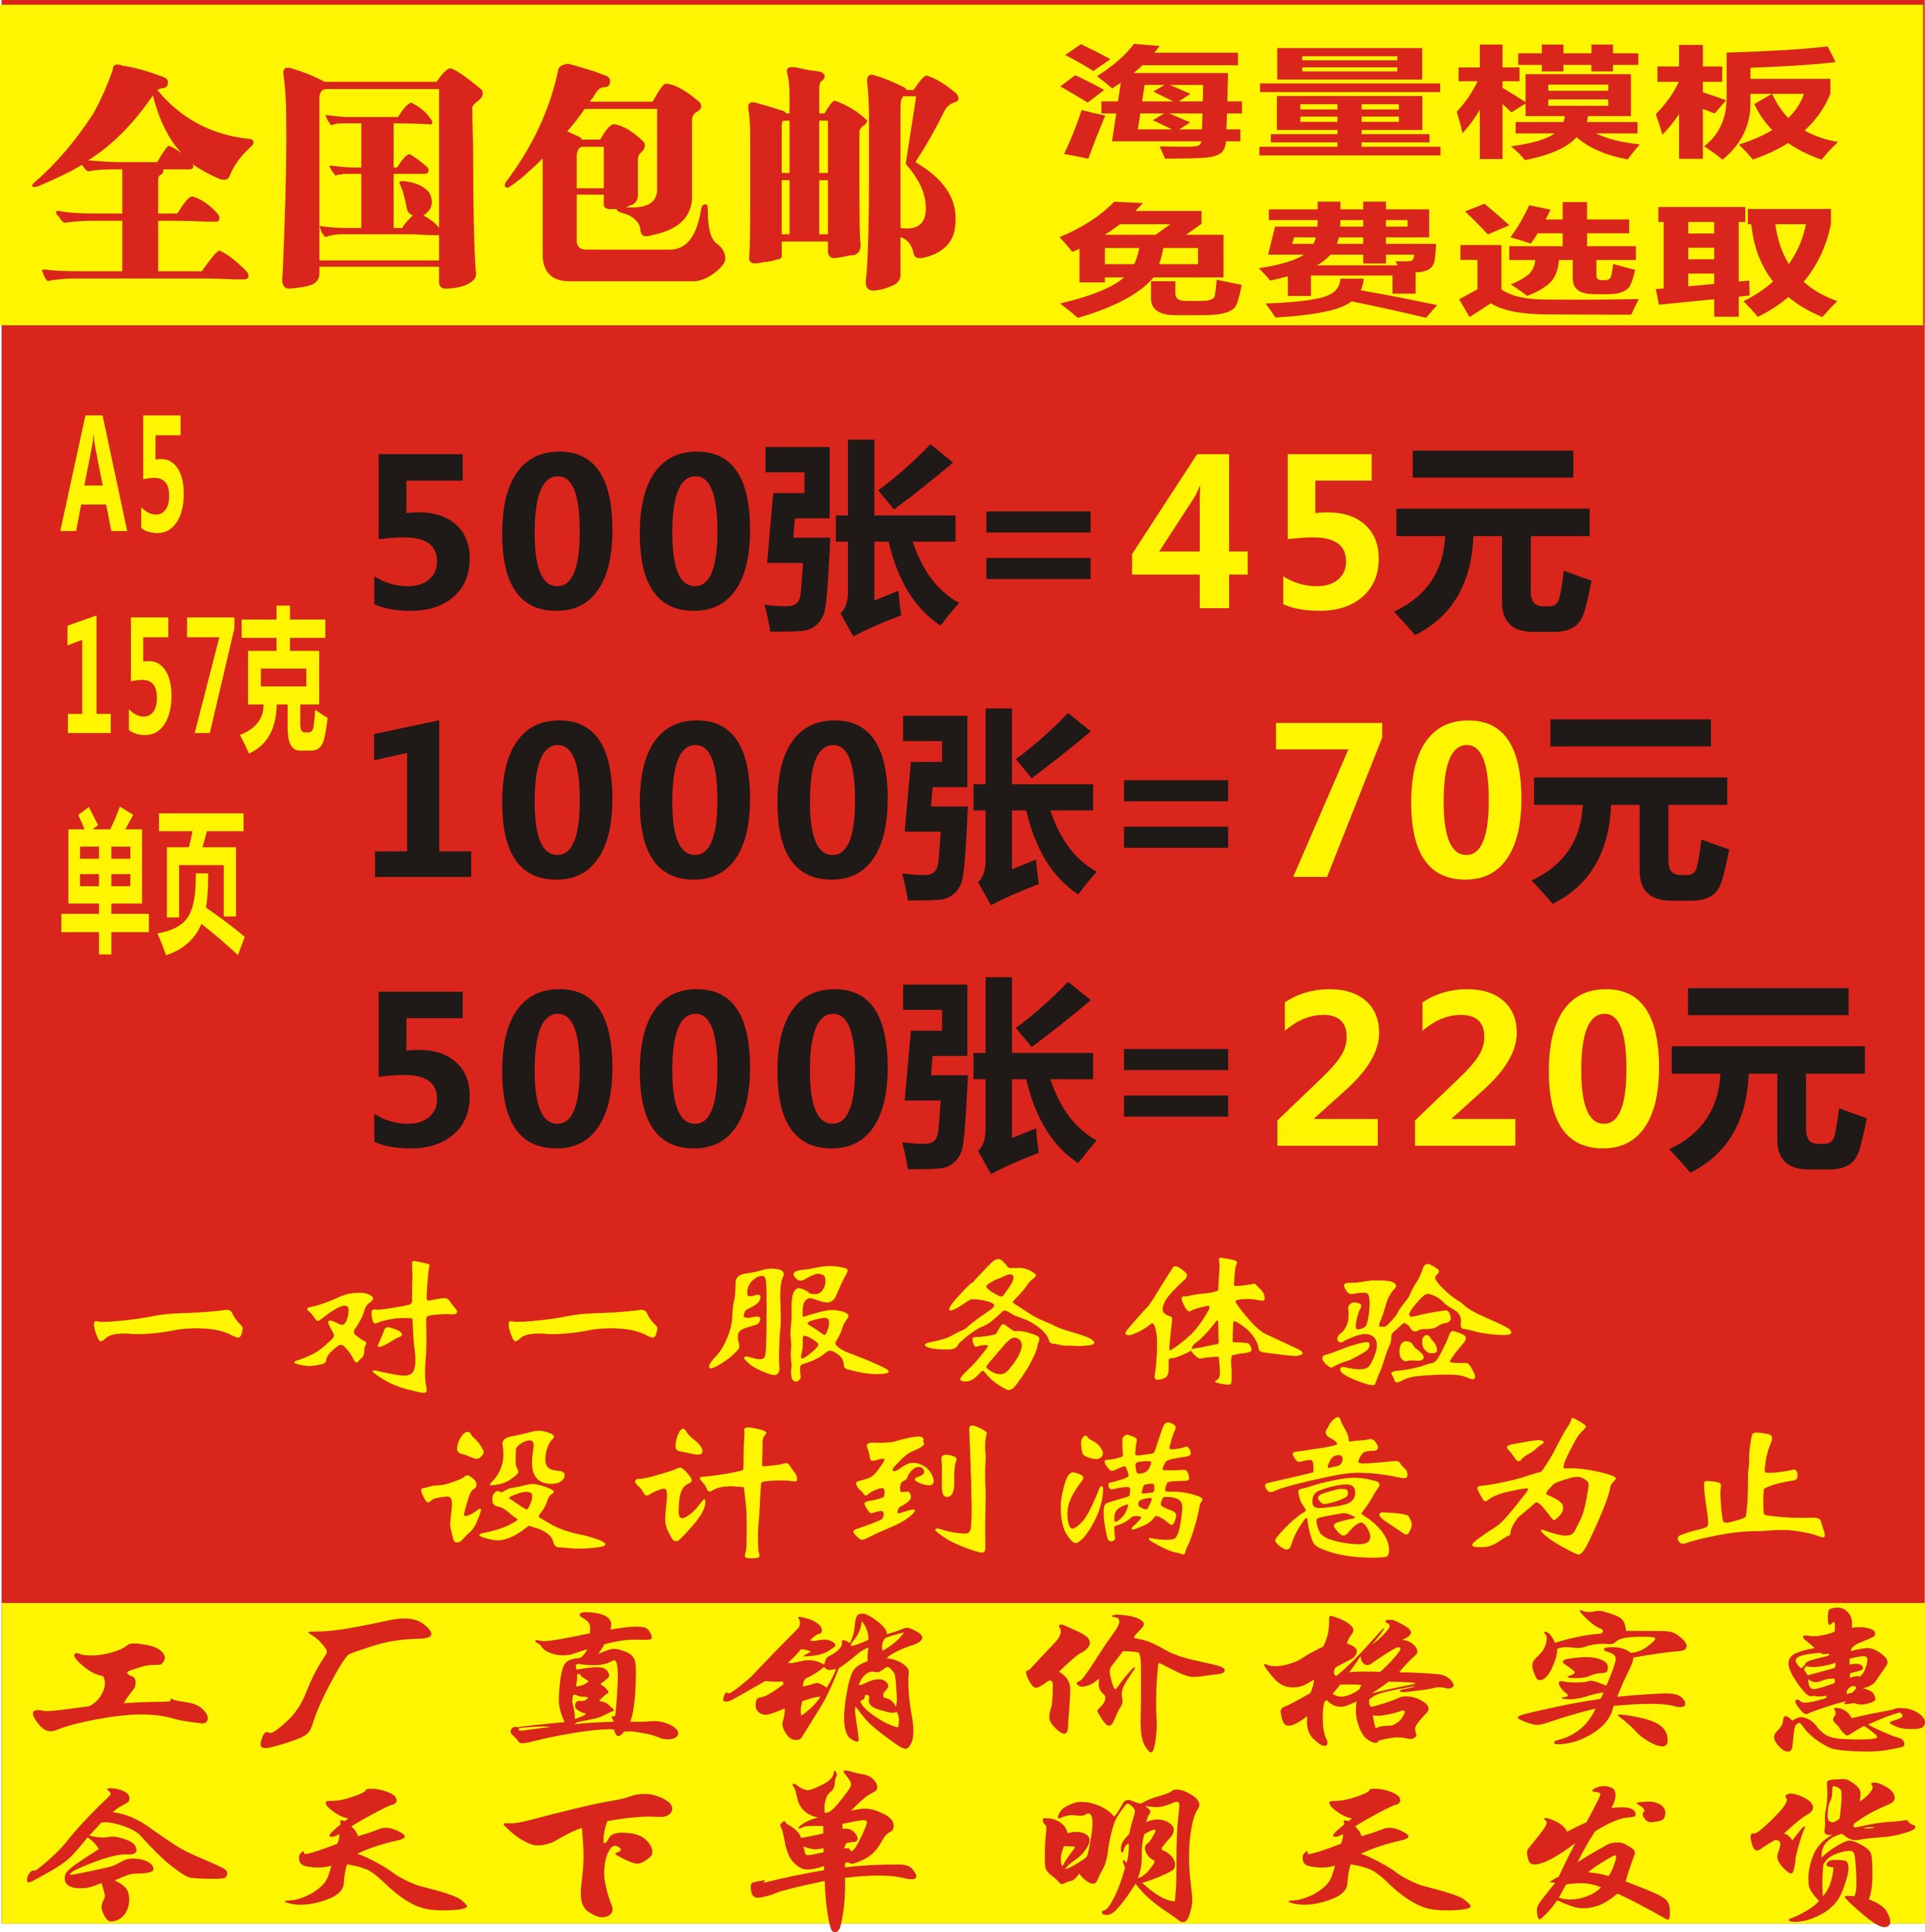 Услуги печати рекламной продукции / Копировальные услуги Артикул 559021253616